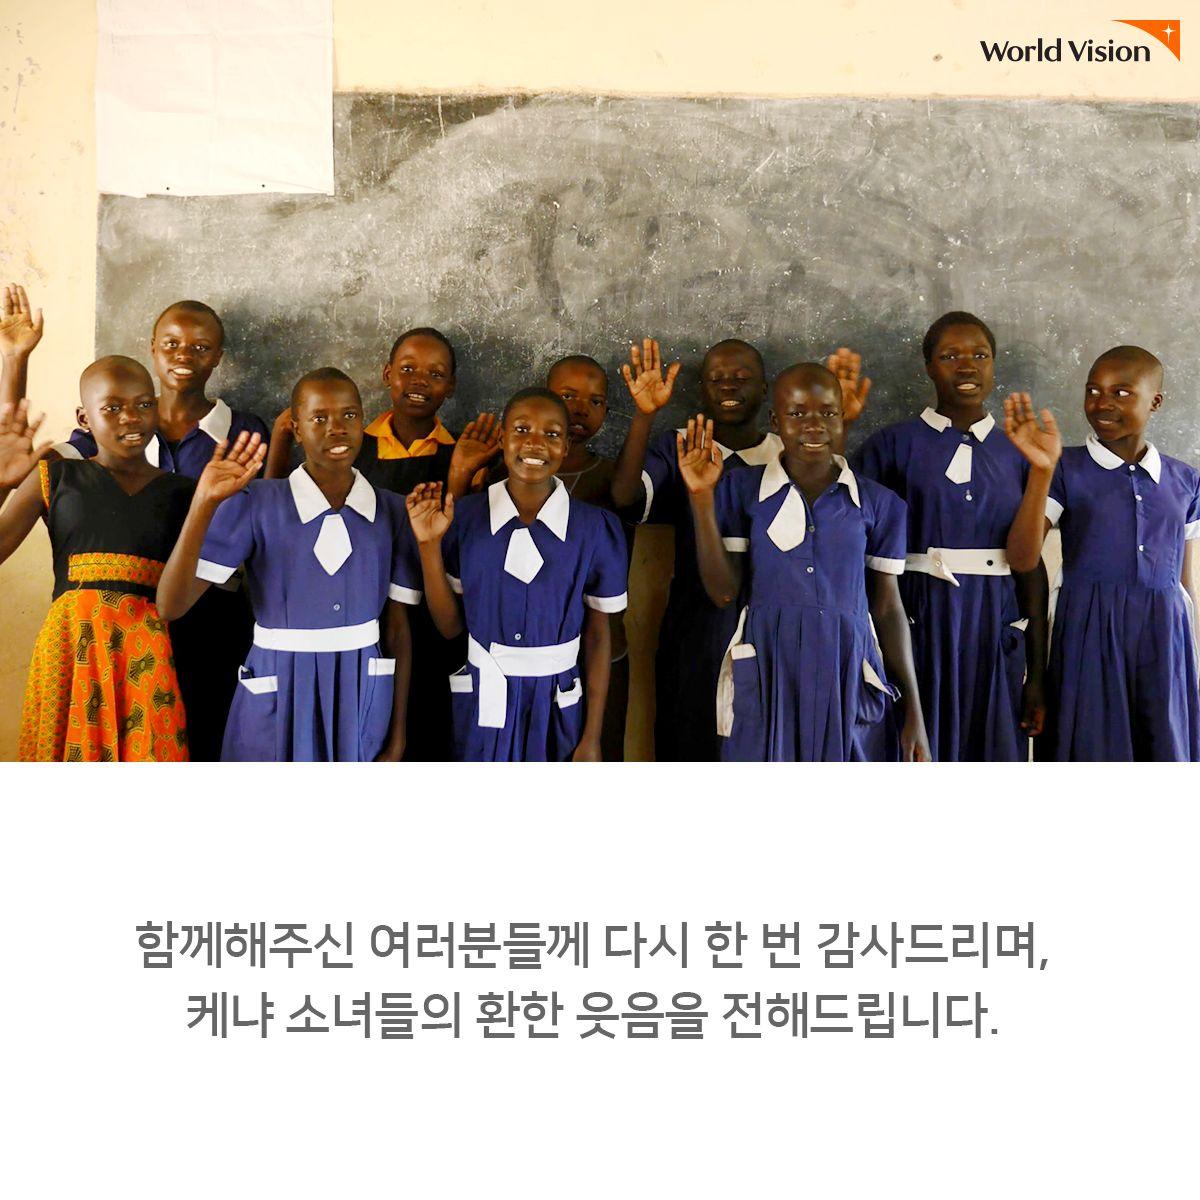 함께해주신 여러분들께 다시 한 번 감사드리며, 케냐 소녀들의 환한 웃음을 전해드립니다.